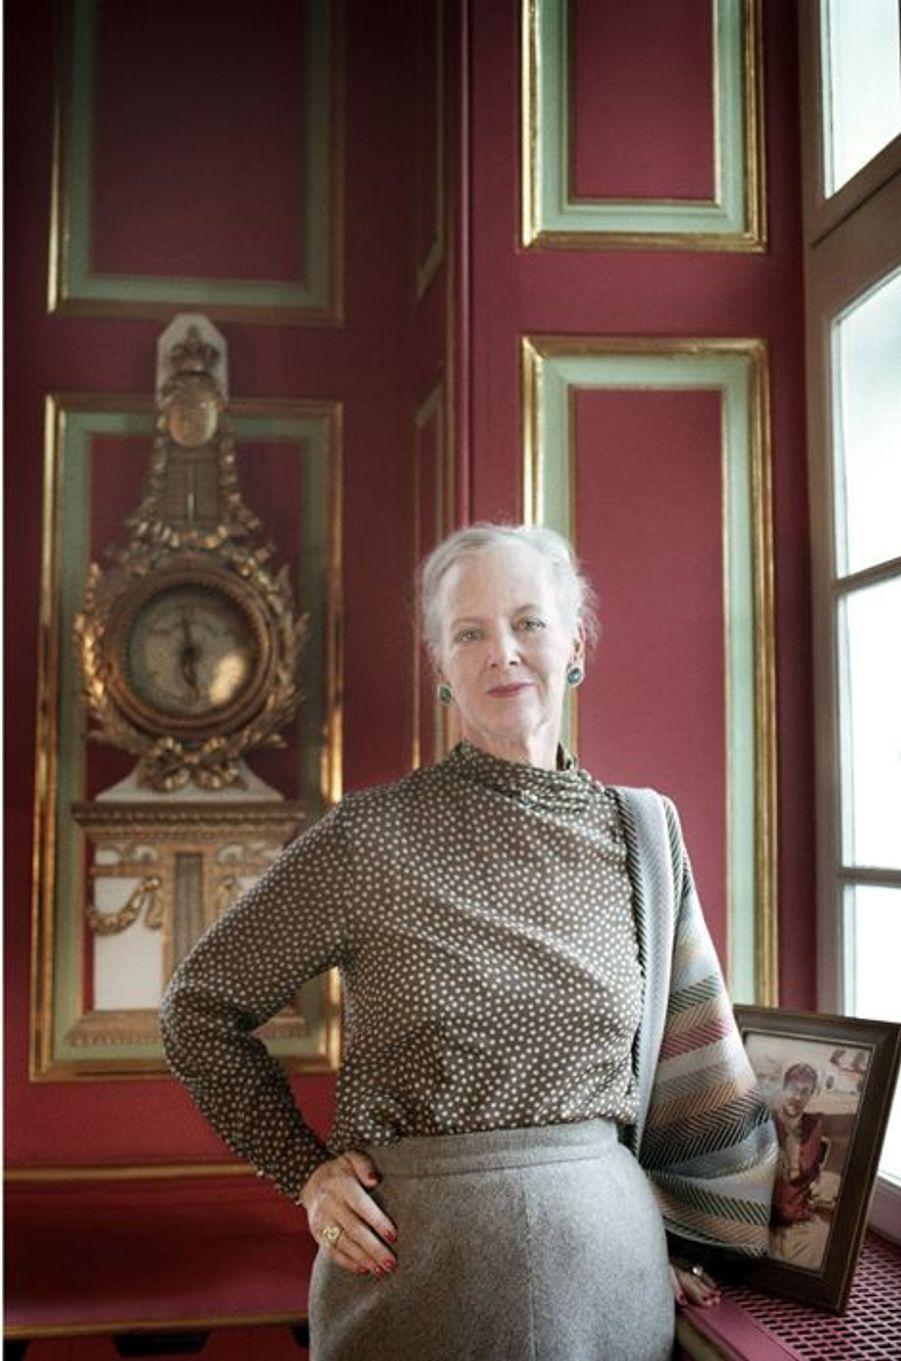 La reine Margrethe II de Danemark pose pour ses 65 ans, le 7 avril 2005